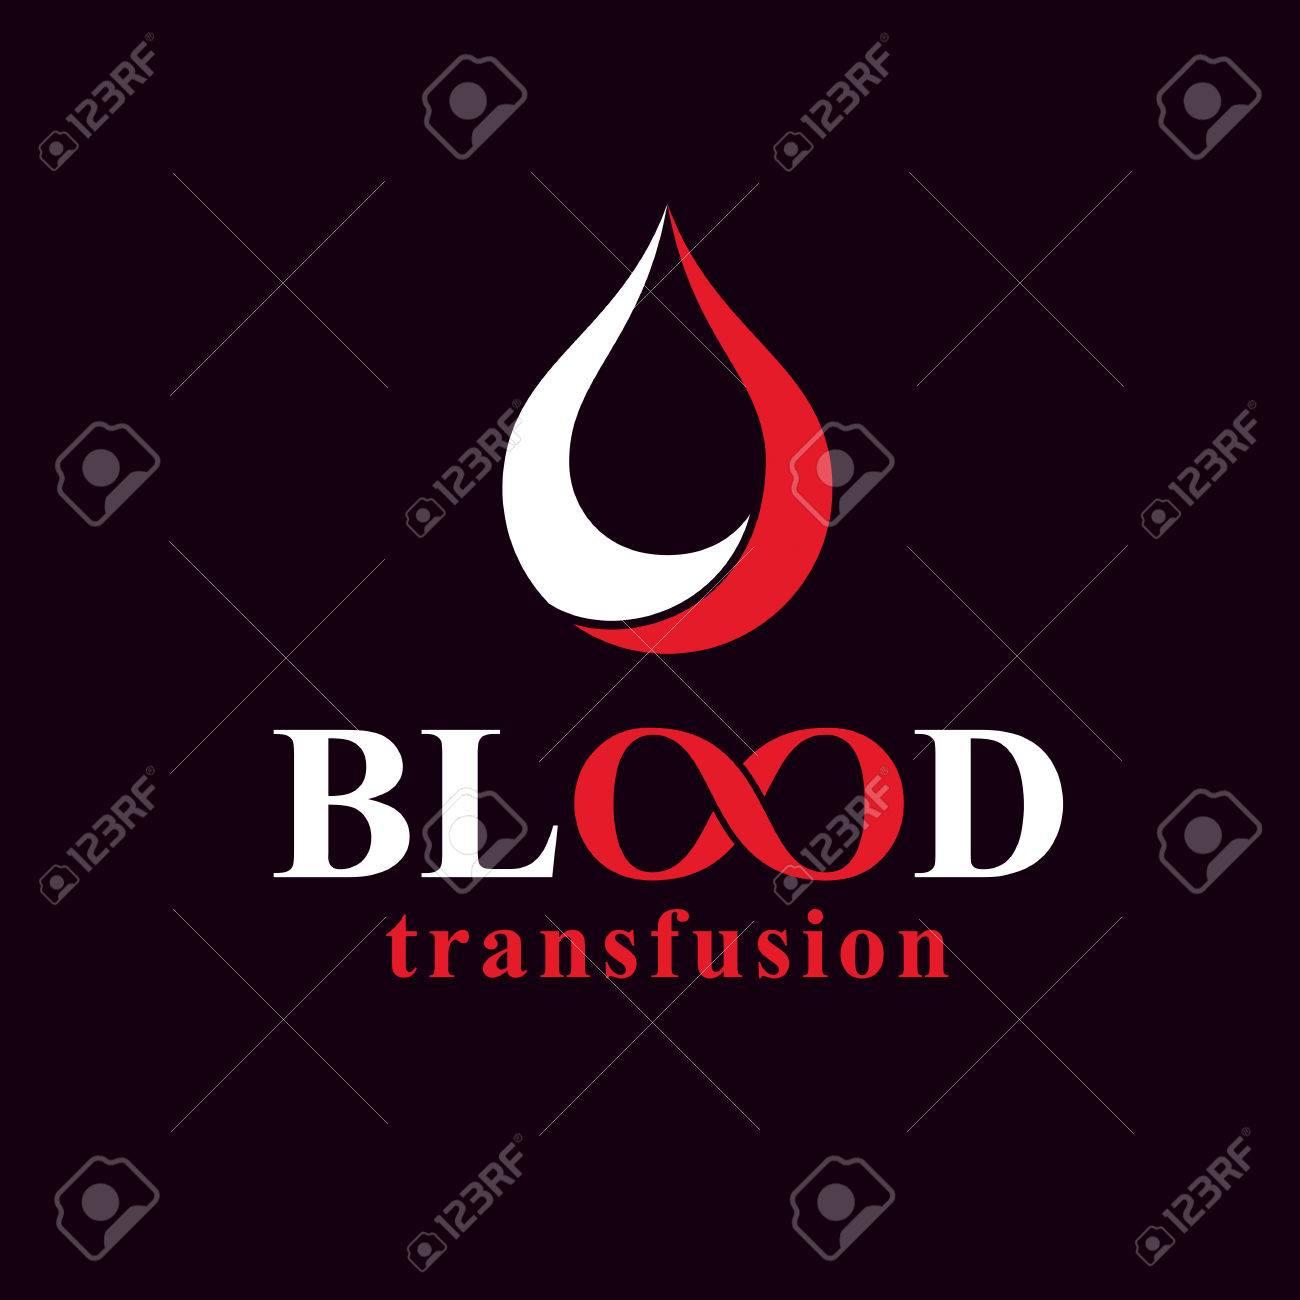 La Transfusión De Sangre Inscripción Hecha Con El Símbolo Del